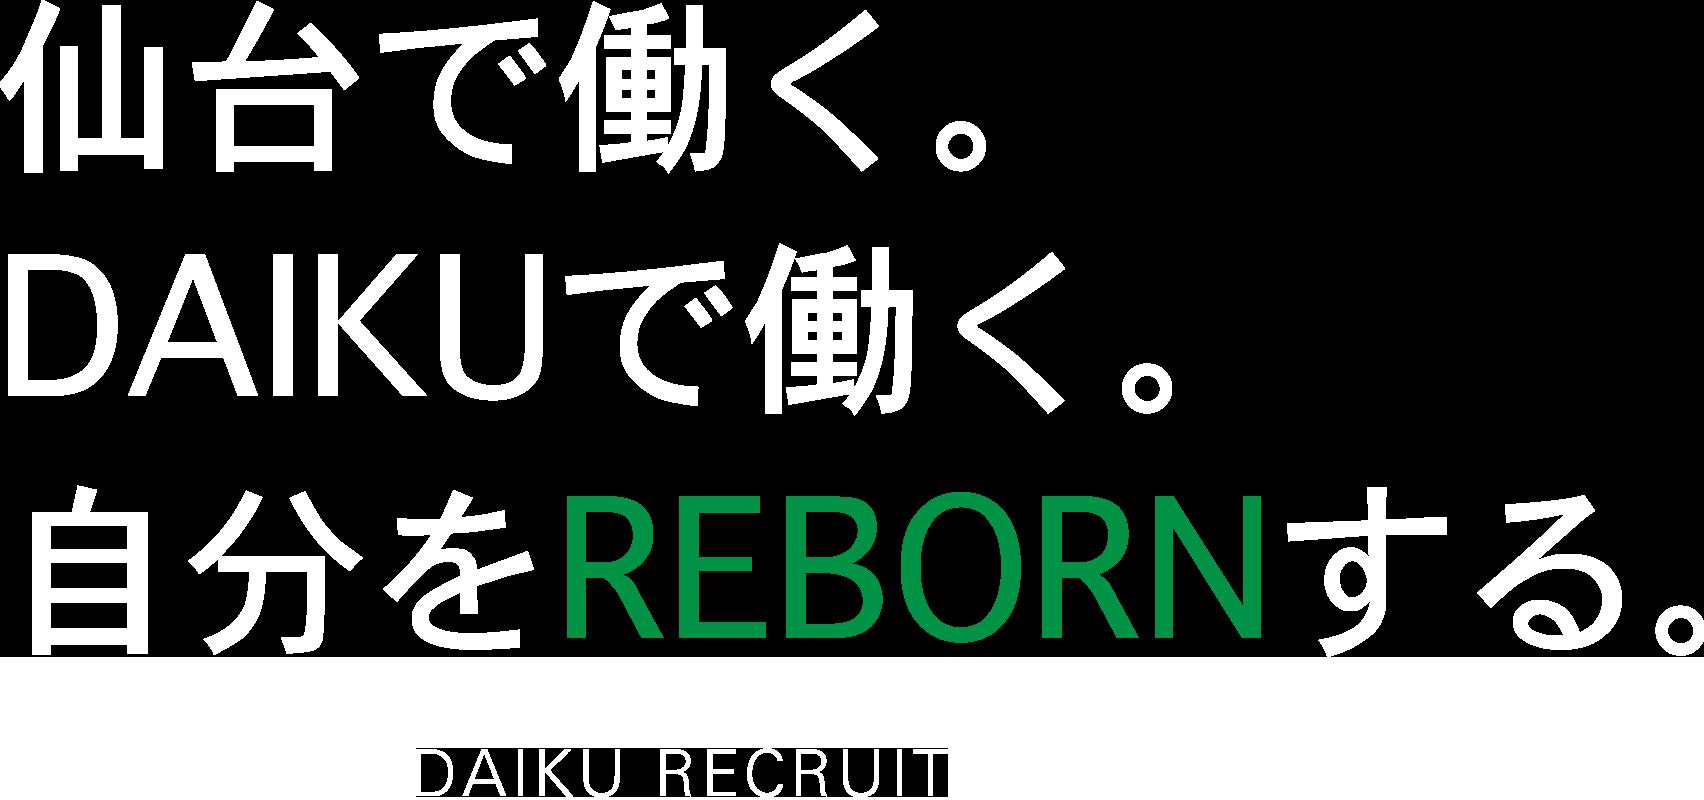 仙台で働く。DAIKUで働く。自分をREBORNする。 DAIKU RECRUIT